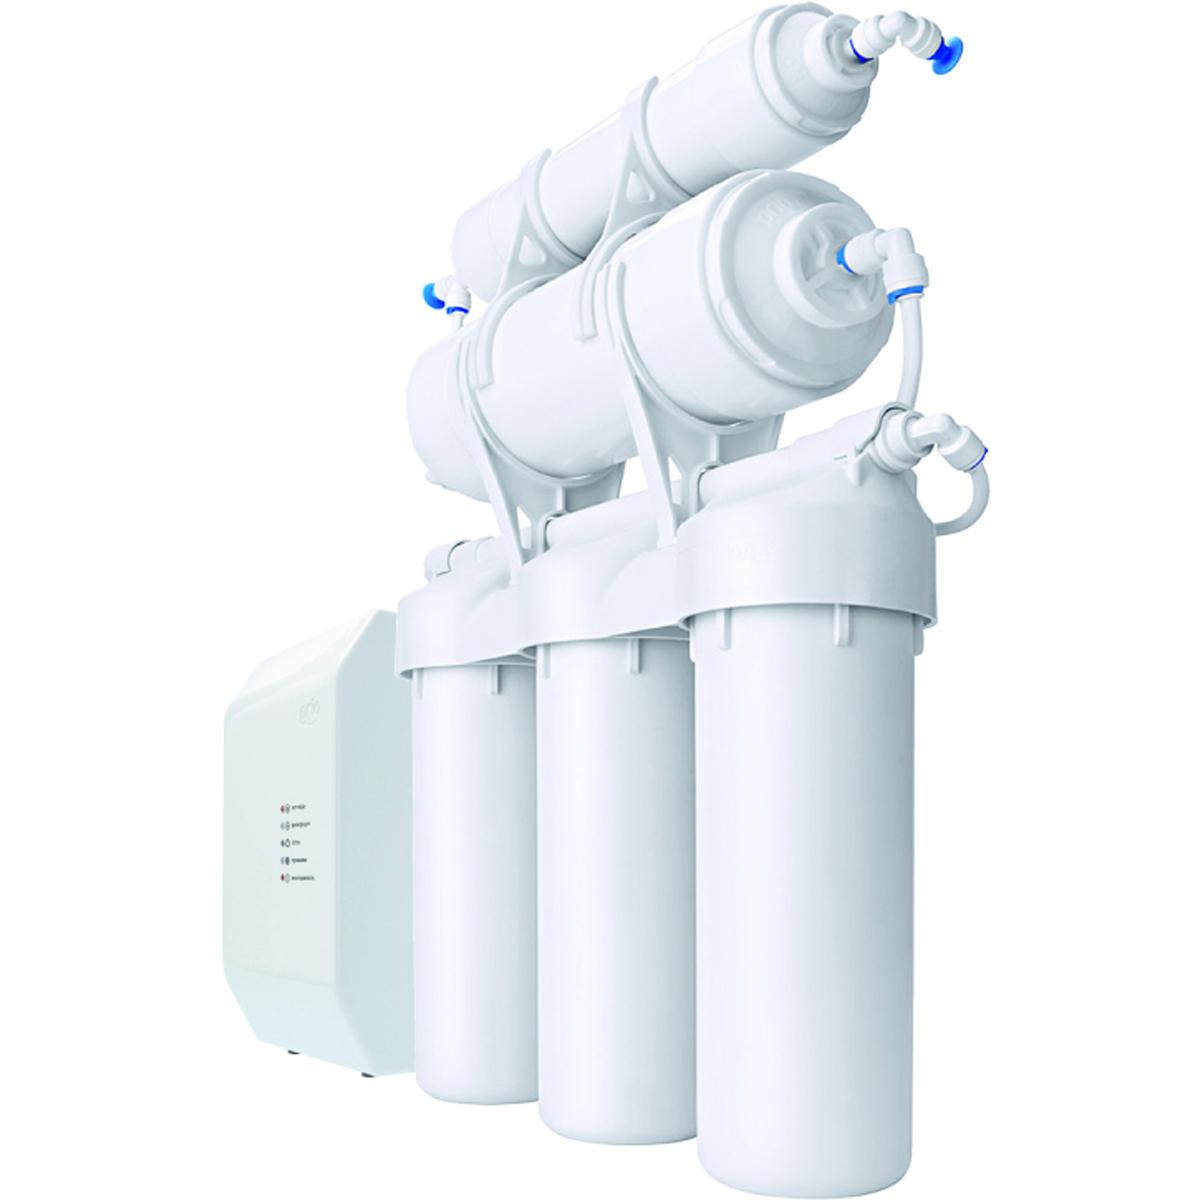 Прямоточная сплит-система обратного осмоса с минерализацией Prio Praktic Osmos Stream. OUD600OUD 600Прямоточная сплит-система обратного осмоса для комплексной очистки питьевой воды с электронным управлением. Прямоточная система обратного осмоса. Прямоточная система с помпой: бак не требуется! В любой момент получите столько воды, сколько вам нужно, а не сколько осталось в баке — до 1800 литров в сутки! Благодаря помпе работает при любом давлении в водопроводе, даже очень низком! Всегда свежая вода, без застоя в накопительном баке Чистейшая, вкусная, безопасная вода: 6 ступеней очистки! Универсальная очистка, умягчение, обезжелезивание, устранение накипи, финишная очистка, минерализация: очистка практически от всех известных загрязнителей, бактерий и вирусов, окончательное решение проблемы накипи Быстросъёмная мембрана обратного осмоса из полимерной пленки производства Toray Industries Inc., Япония Установленные картриджи: K100, K205, K101, K858 (мембрана), K880 Кран для чистой воды керамический шаровый ...